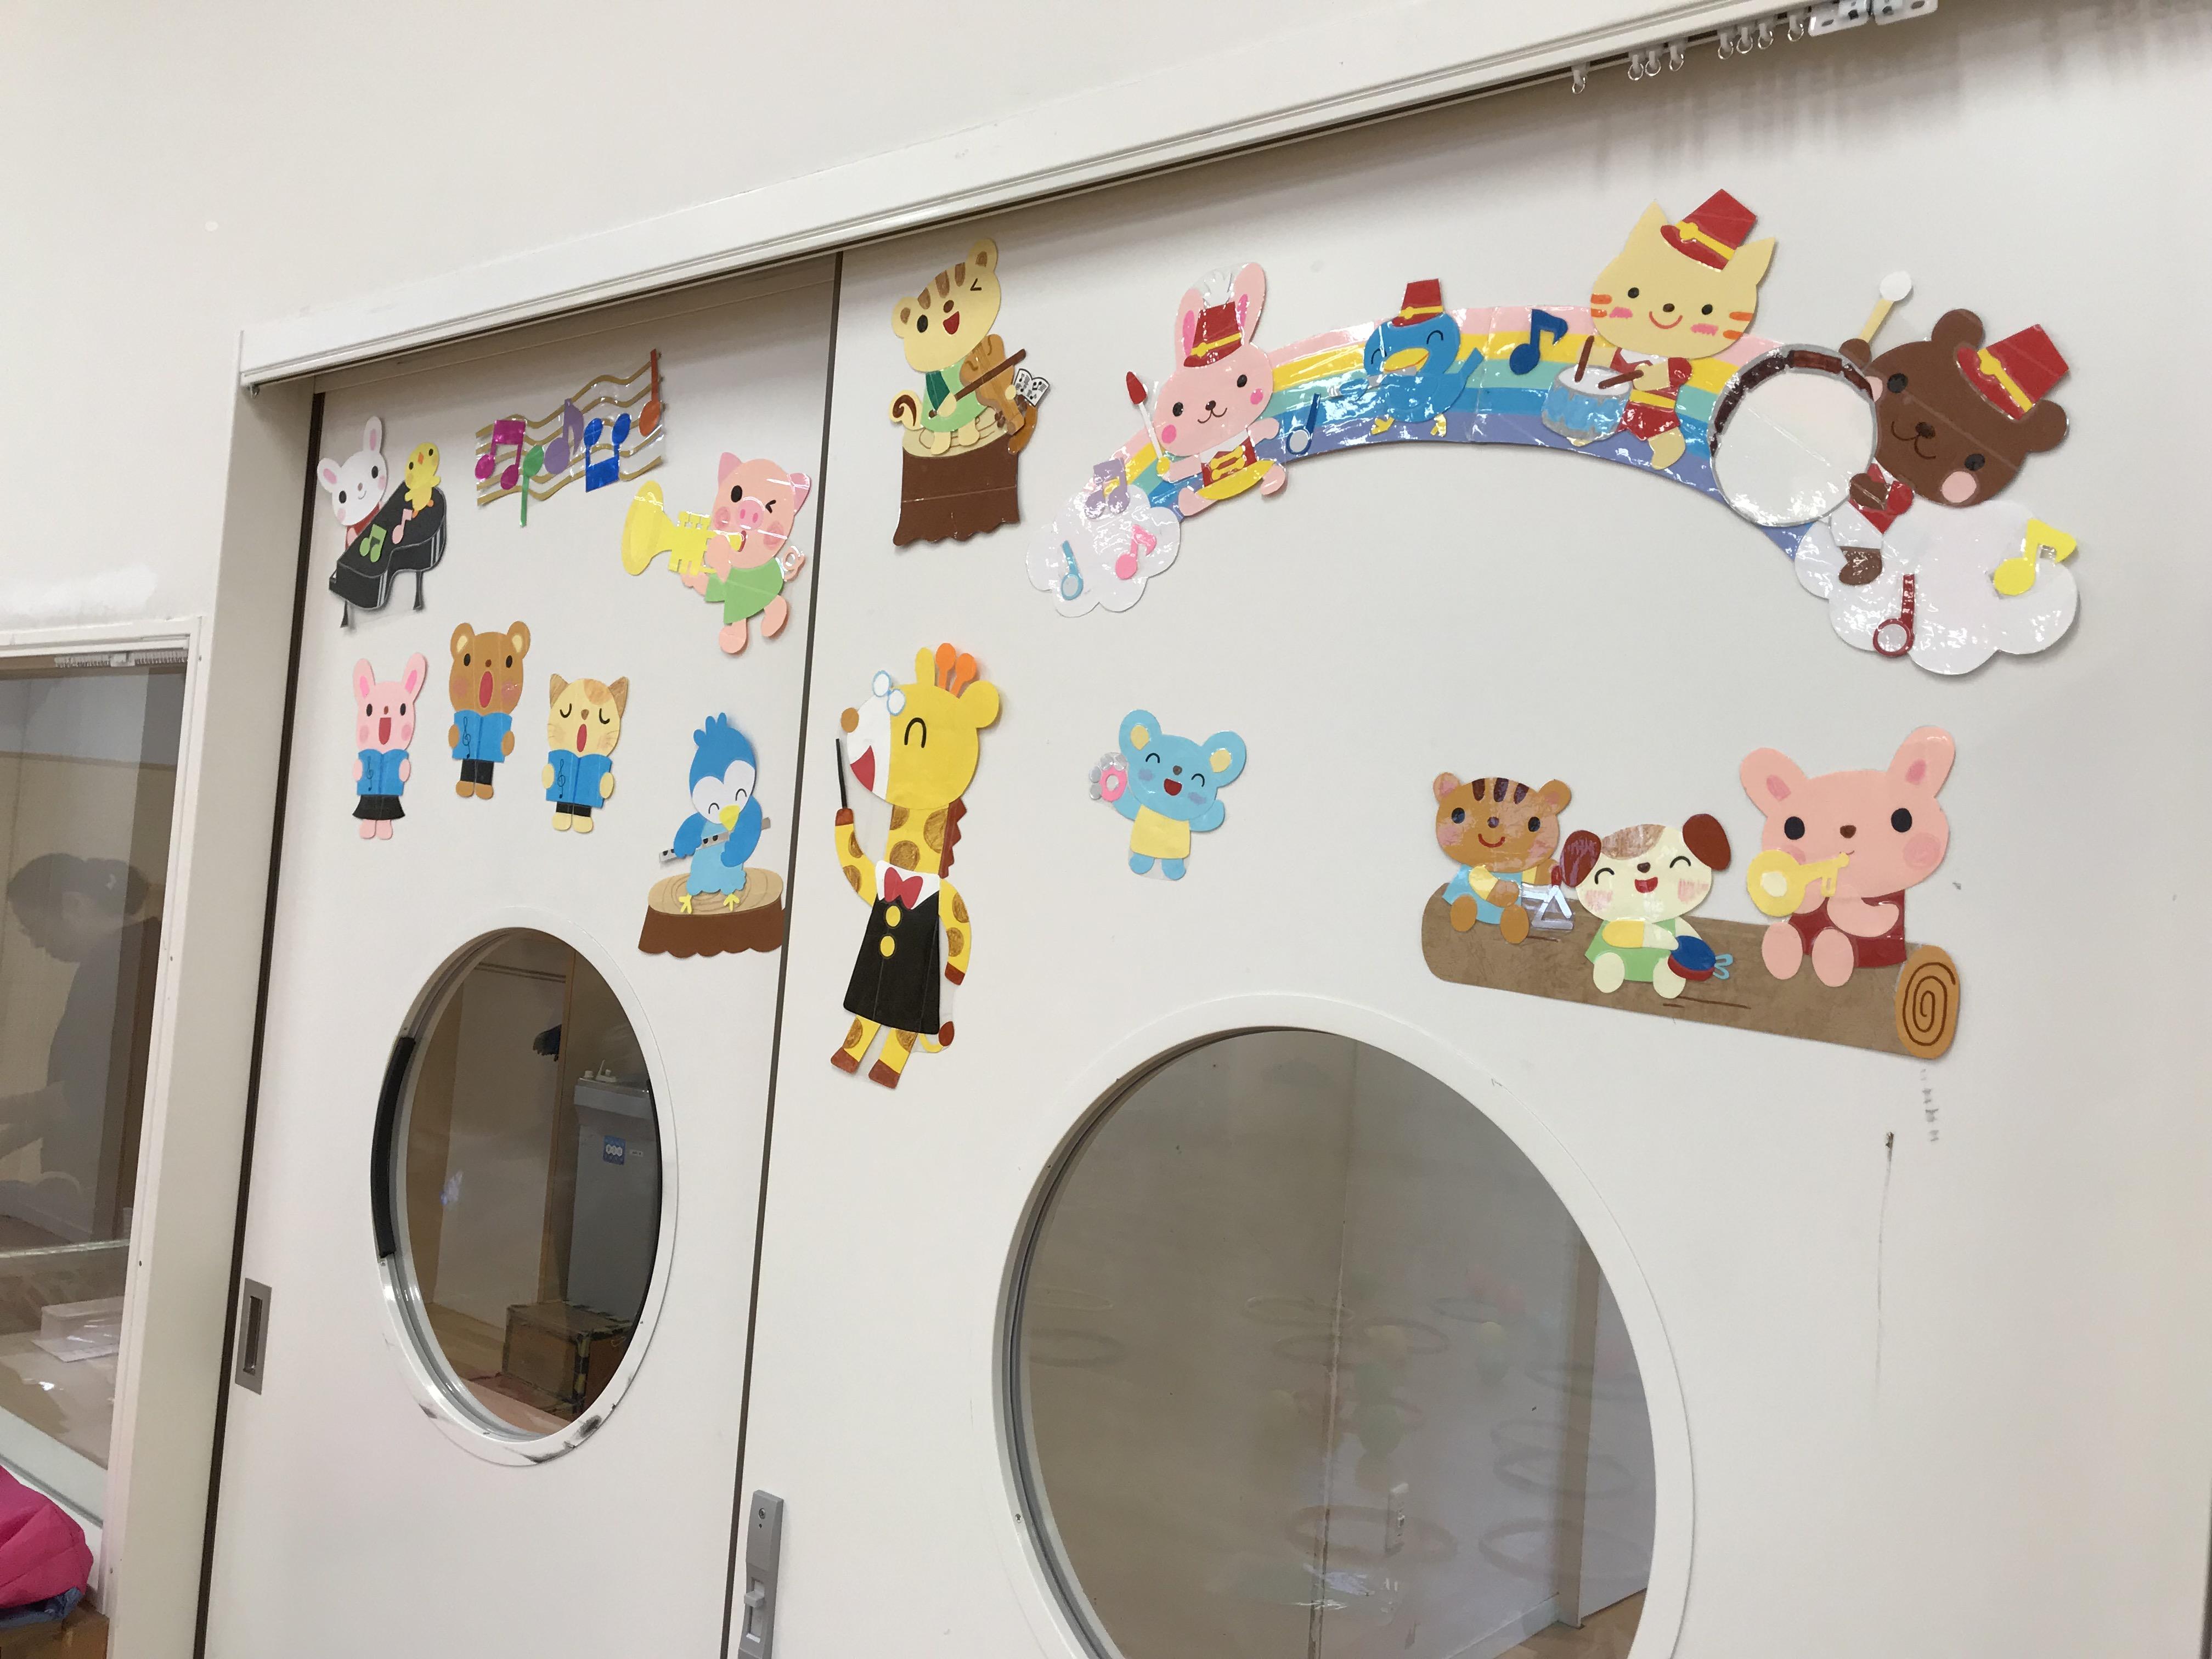 準備が進み、にぎやかになってきた教室の扉。様々な動物が楽器を持ったり歌っているイラストが貼られています。